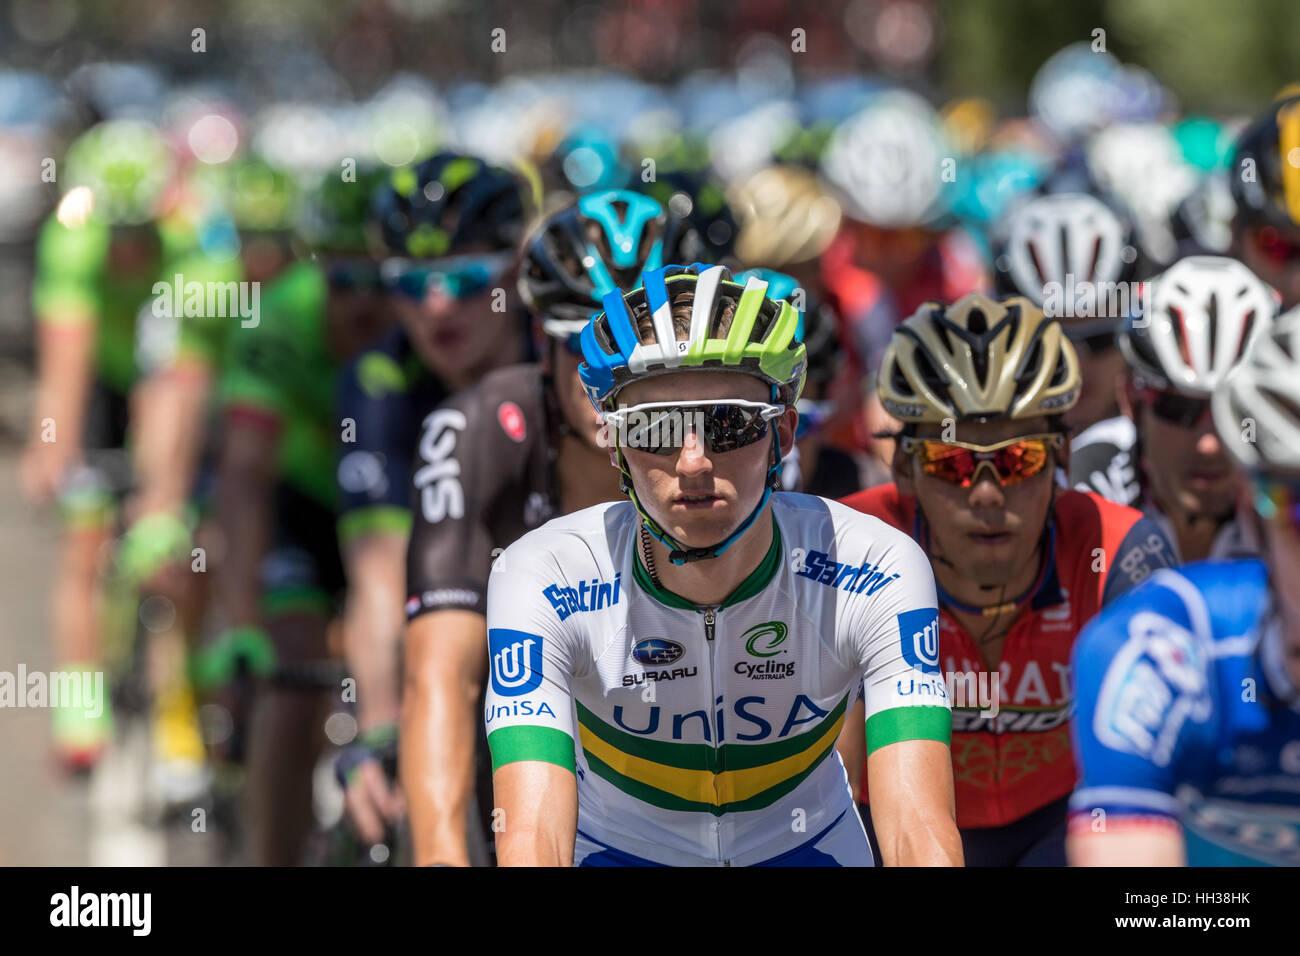 Adelaide, Australien. 17. Januar 2017. Radfahrer vom Team UNISA (UNA) in Phase 1 der Santos Tour Down bis 2017. Stockfoto